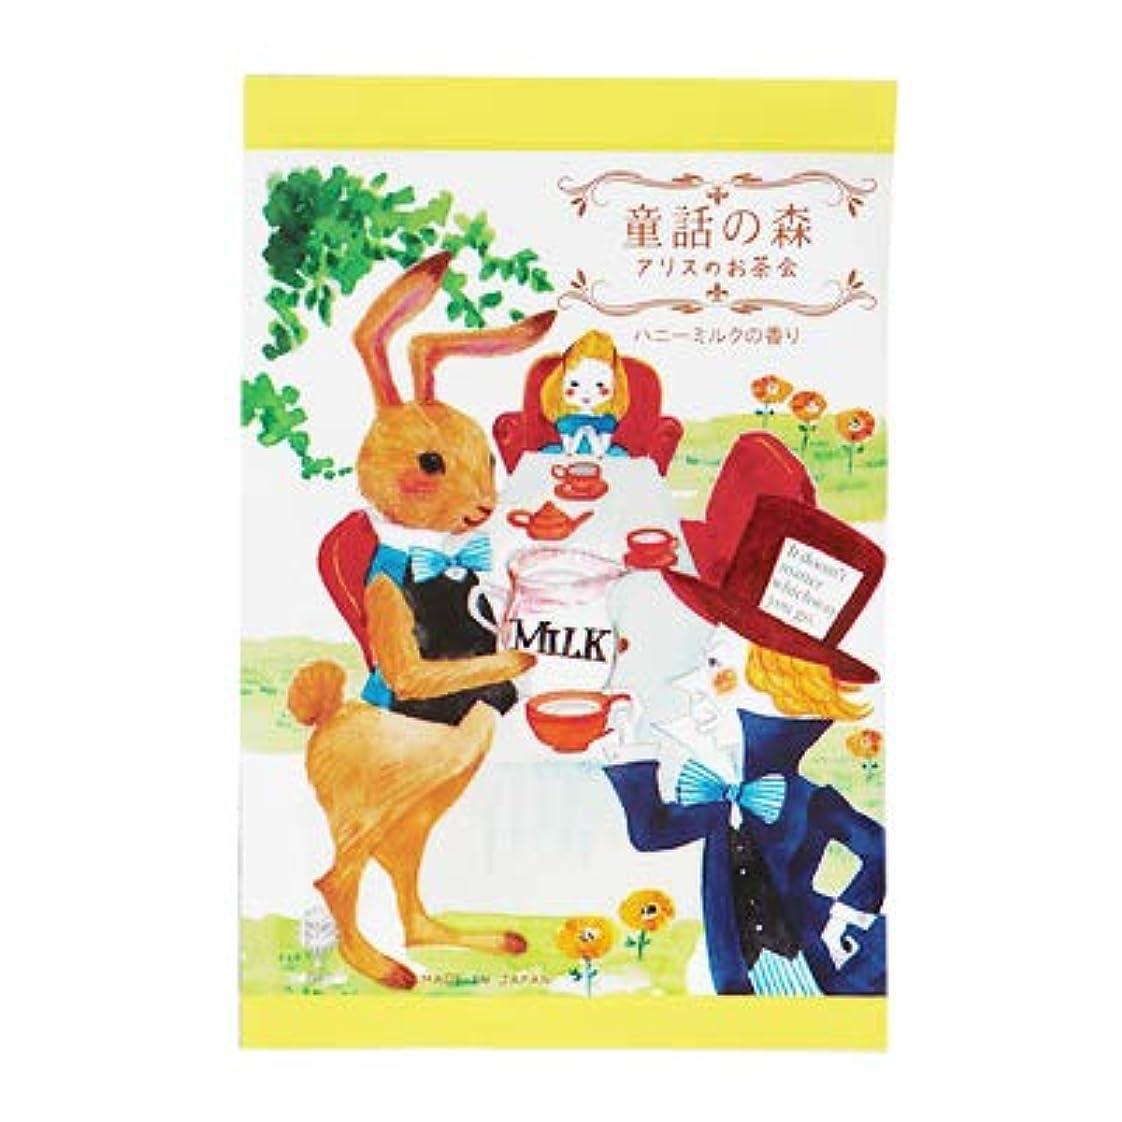 騙す資本主義バルク【まとめ買い6個セット】 童話の森 アリスのお茶会